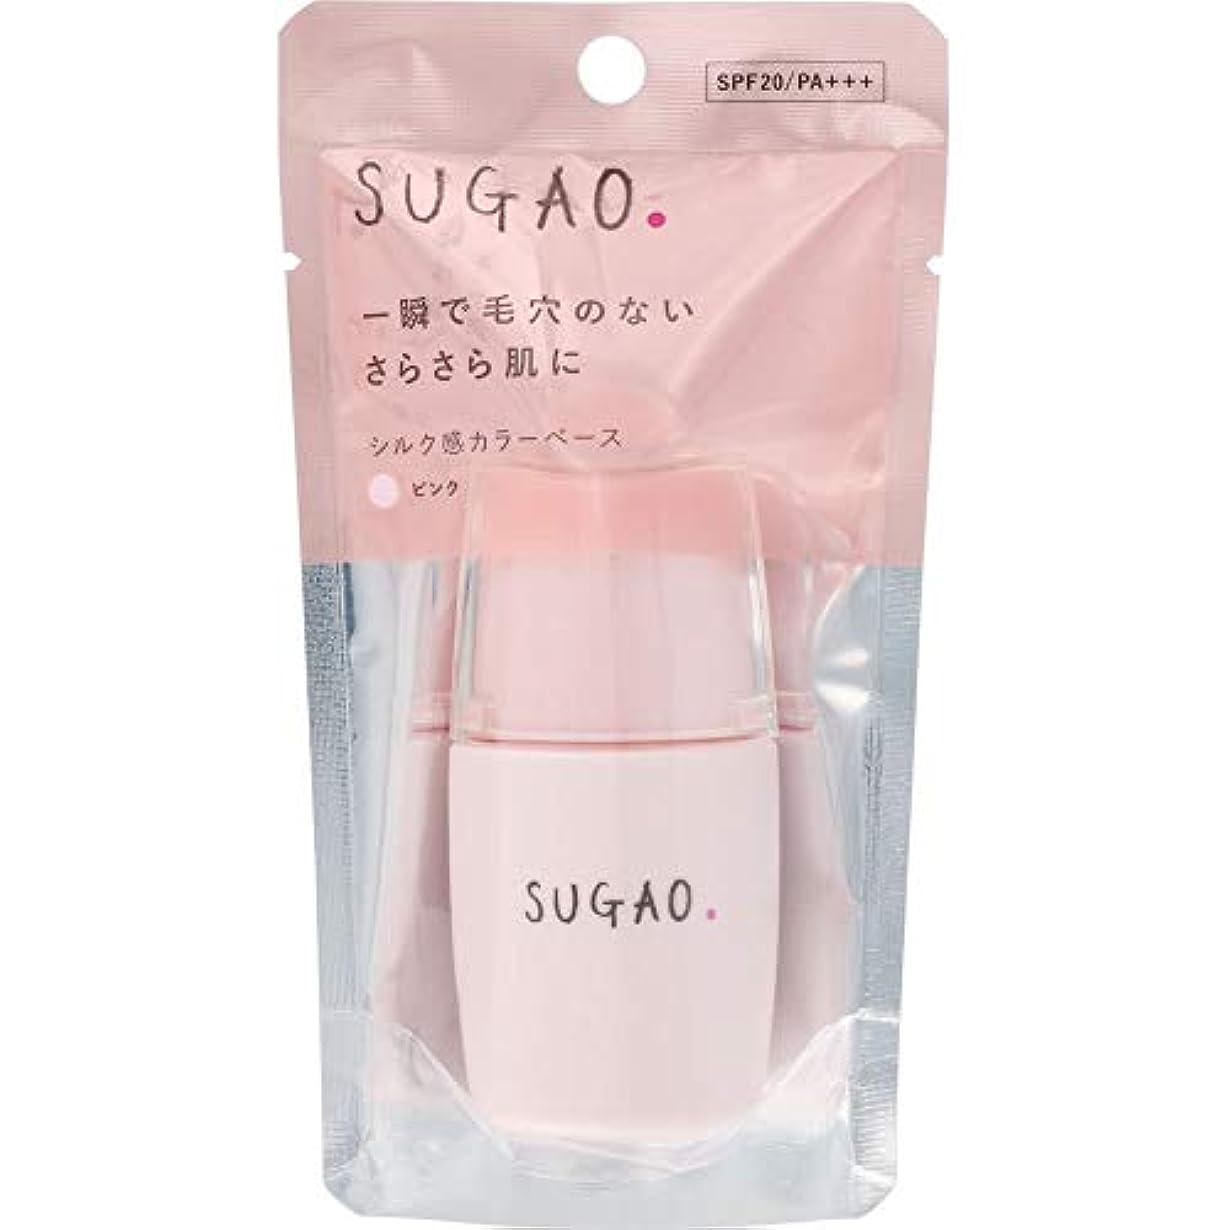 時折廃止するしたがって【2019年春発売】スガオ(SUGAO) 瞬時に毛穴カバー シルク感カラーベース ピンク SPF20/PA+++(化粧下地) 20mL